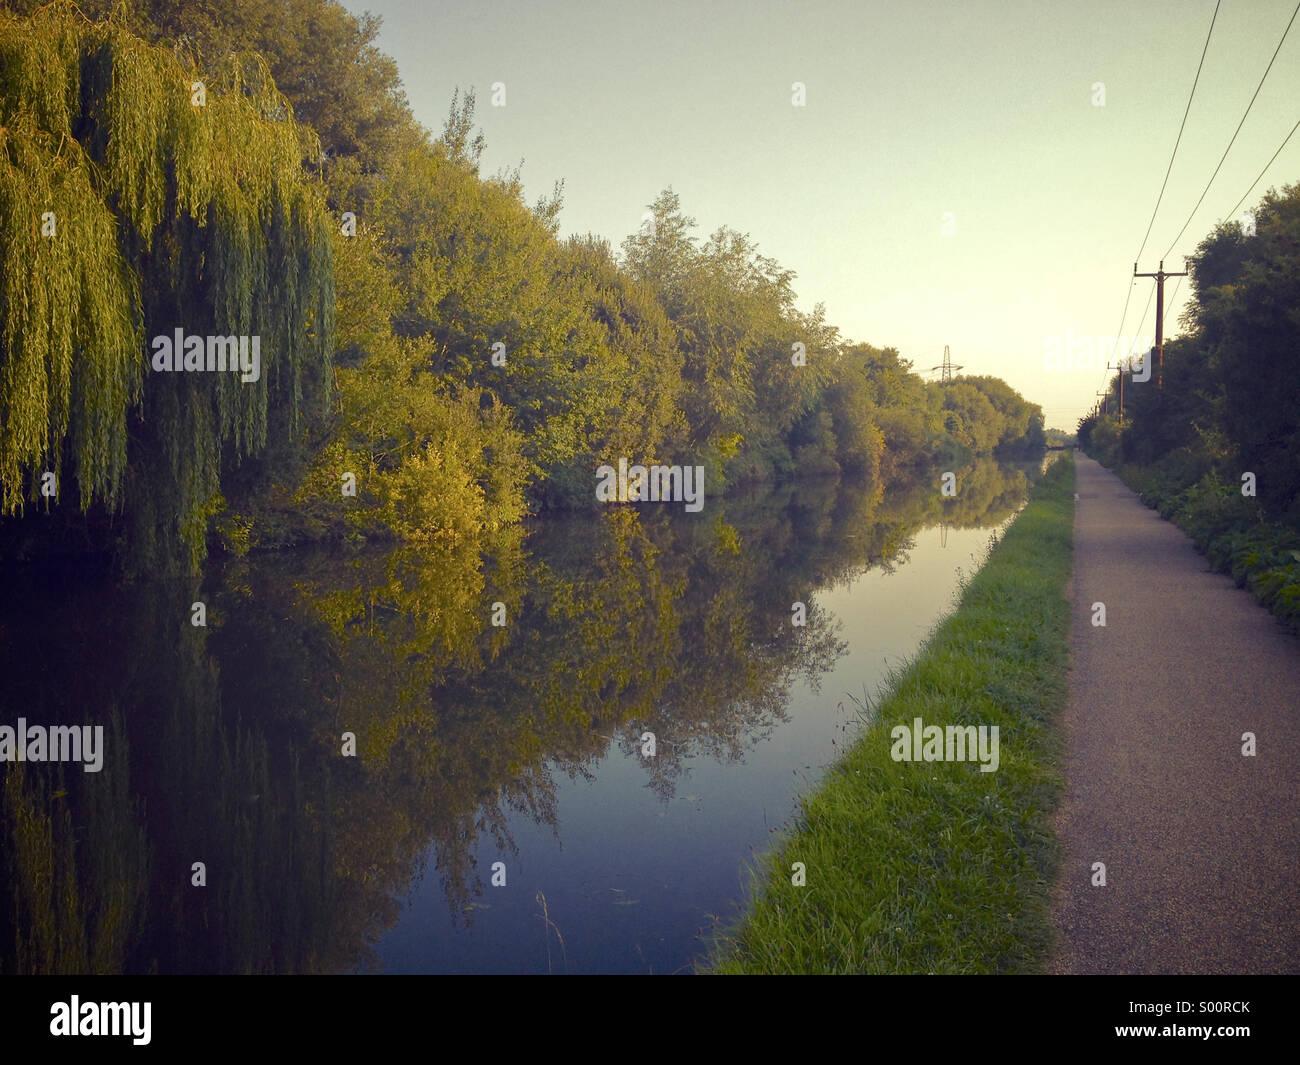 D'eau et arbres Photo Stock